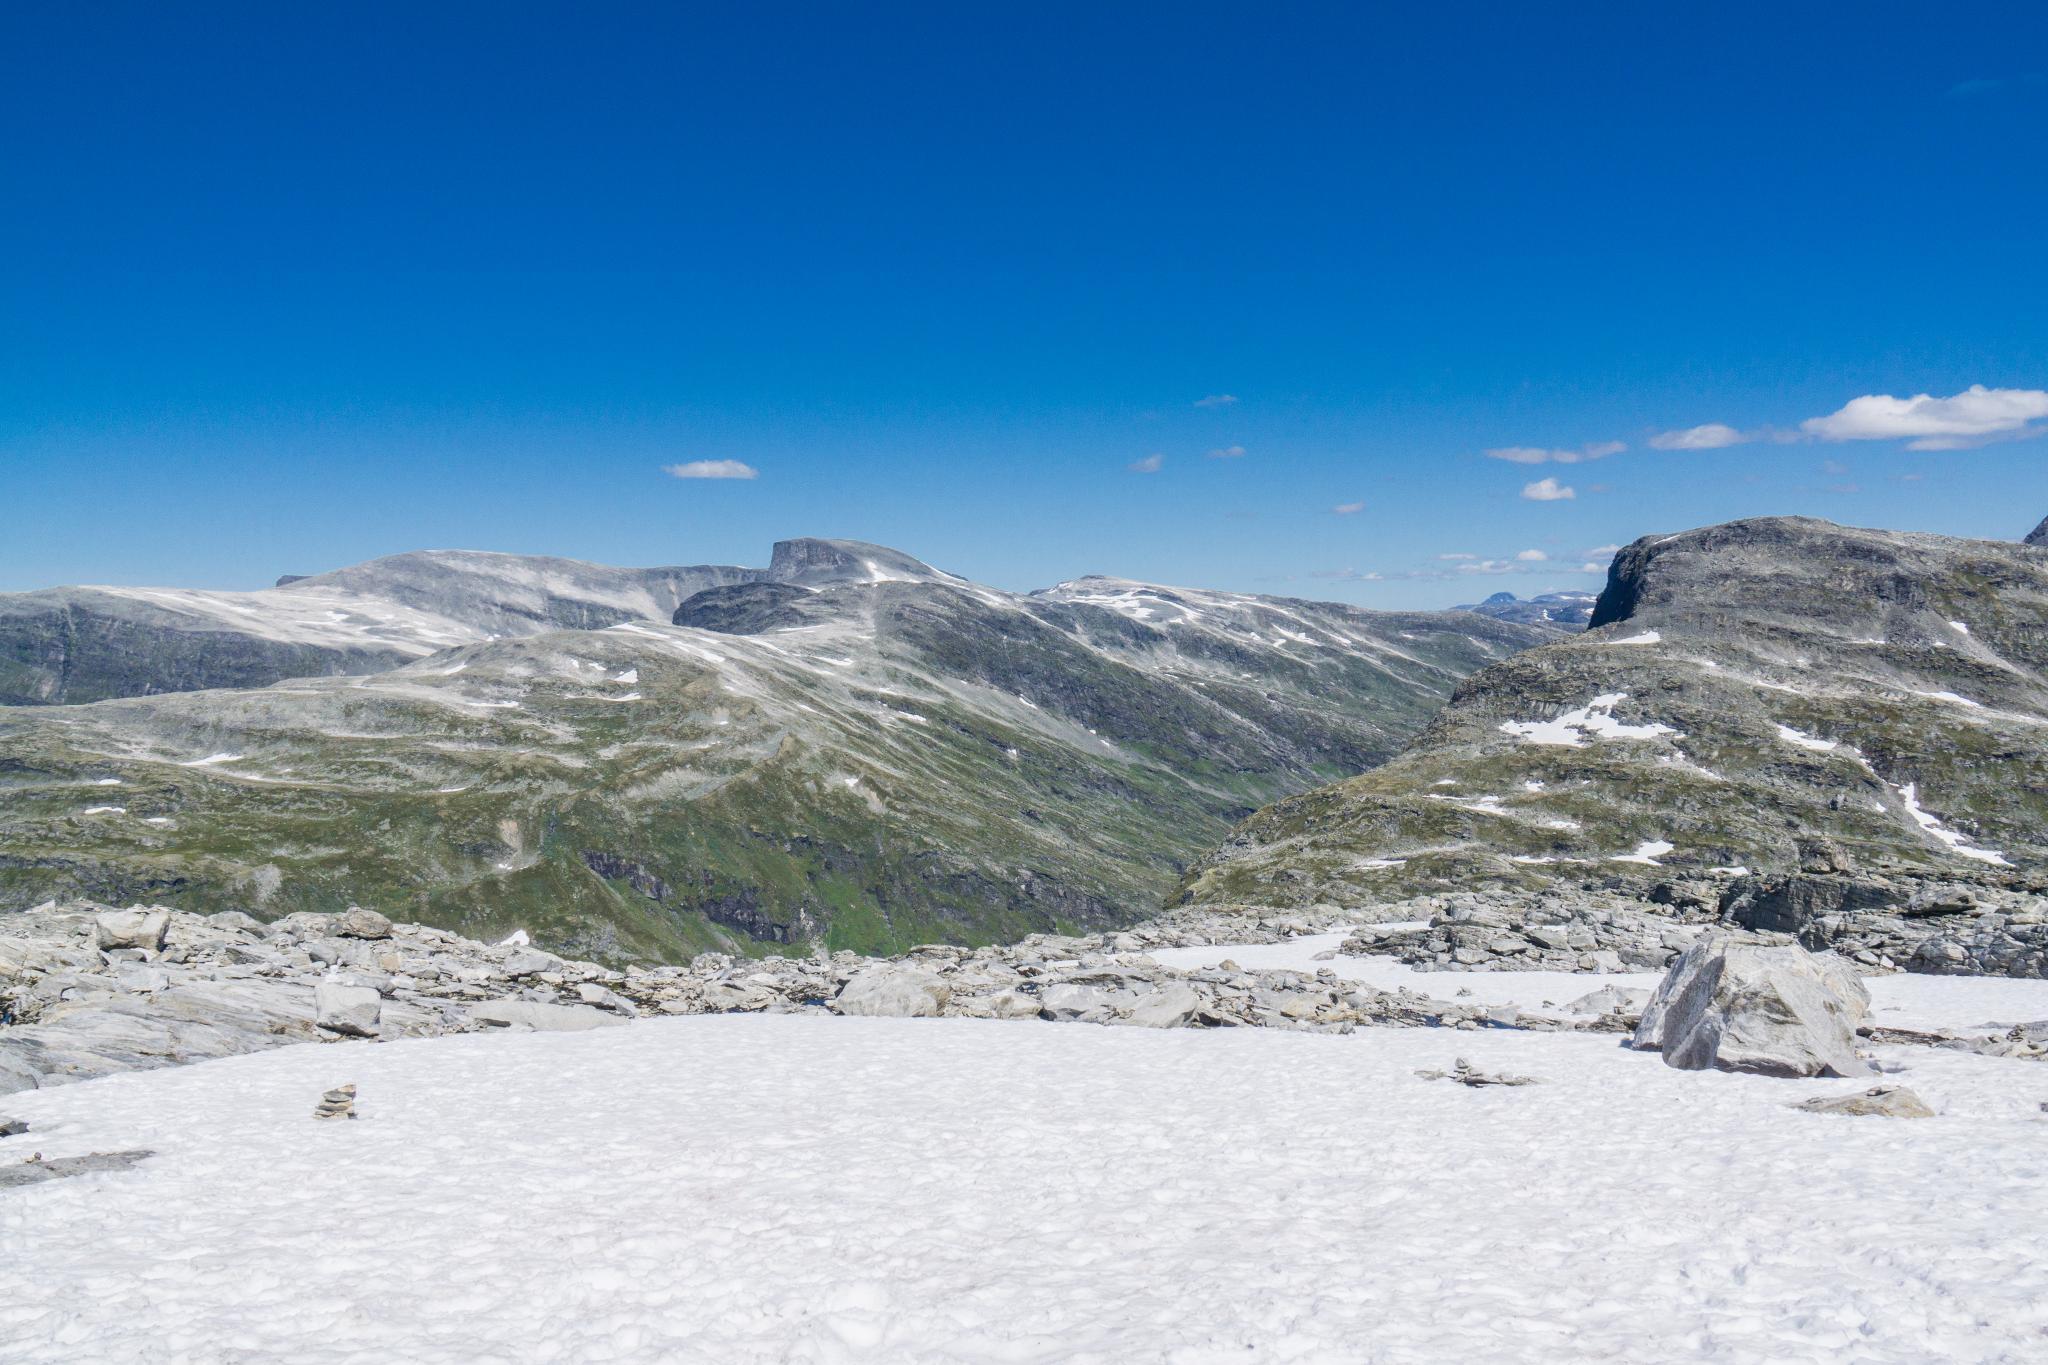 【北歐景點】歐洲最震撼的峽灣觀景台 — Dalsnibba Mountain Plateau 25